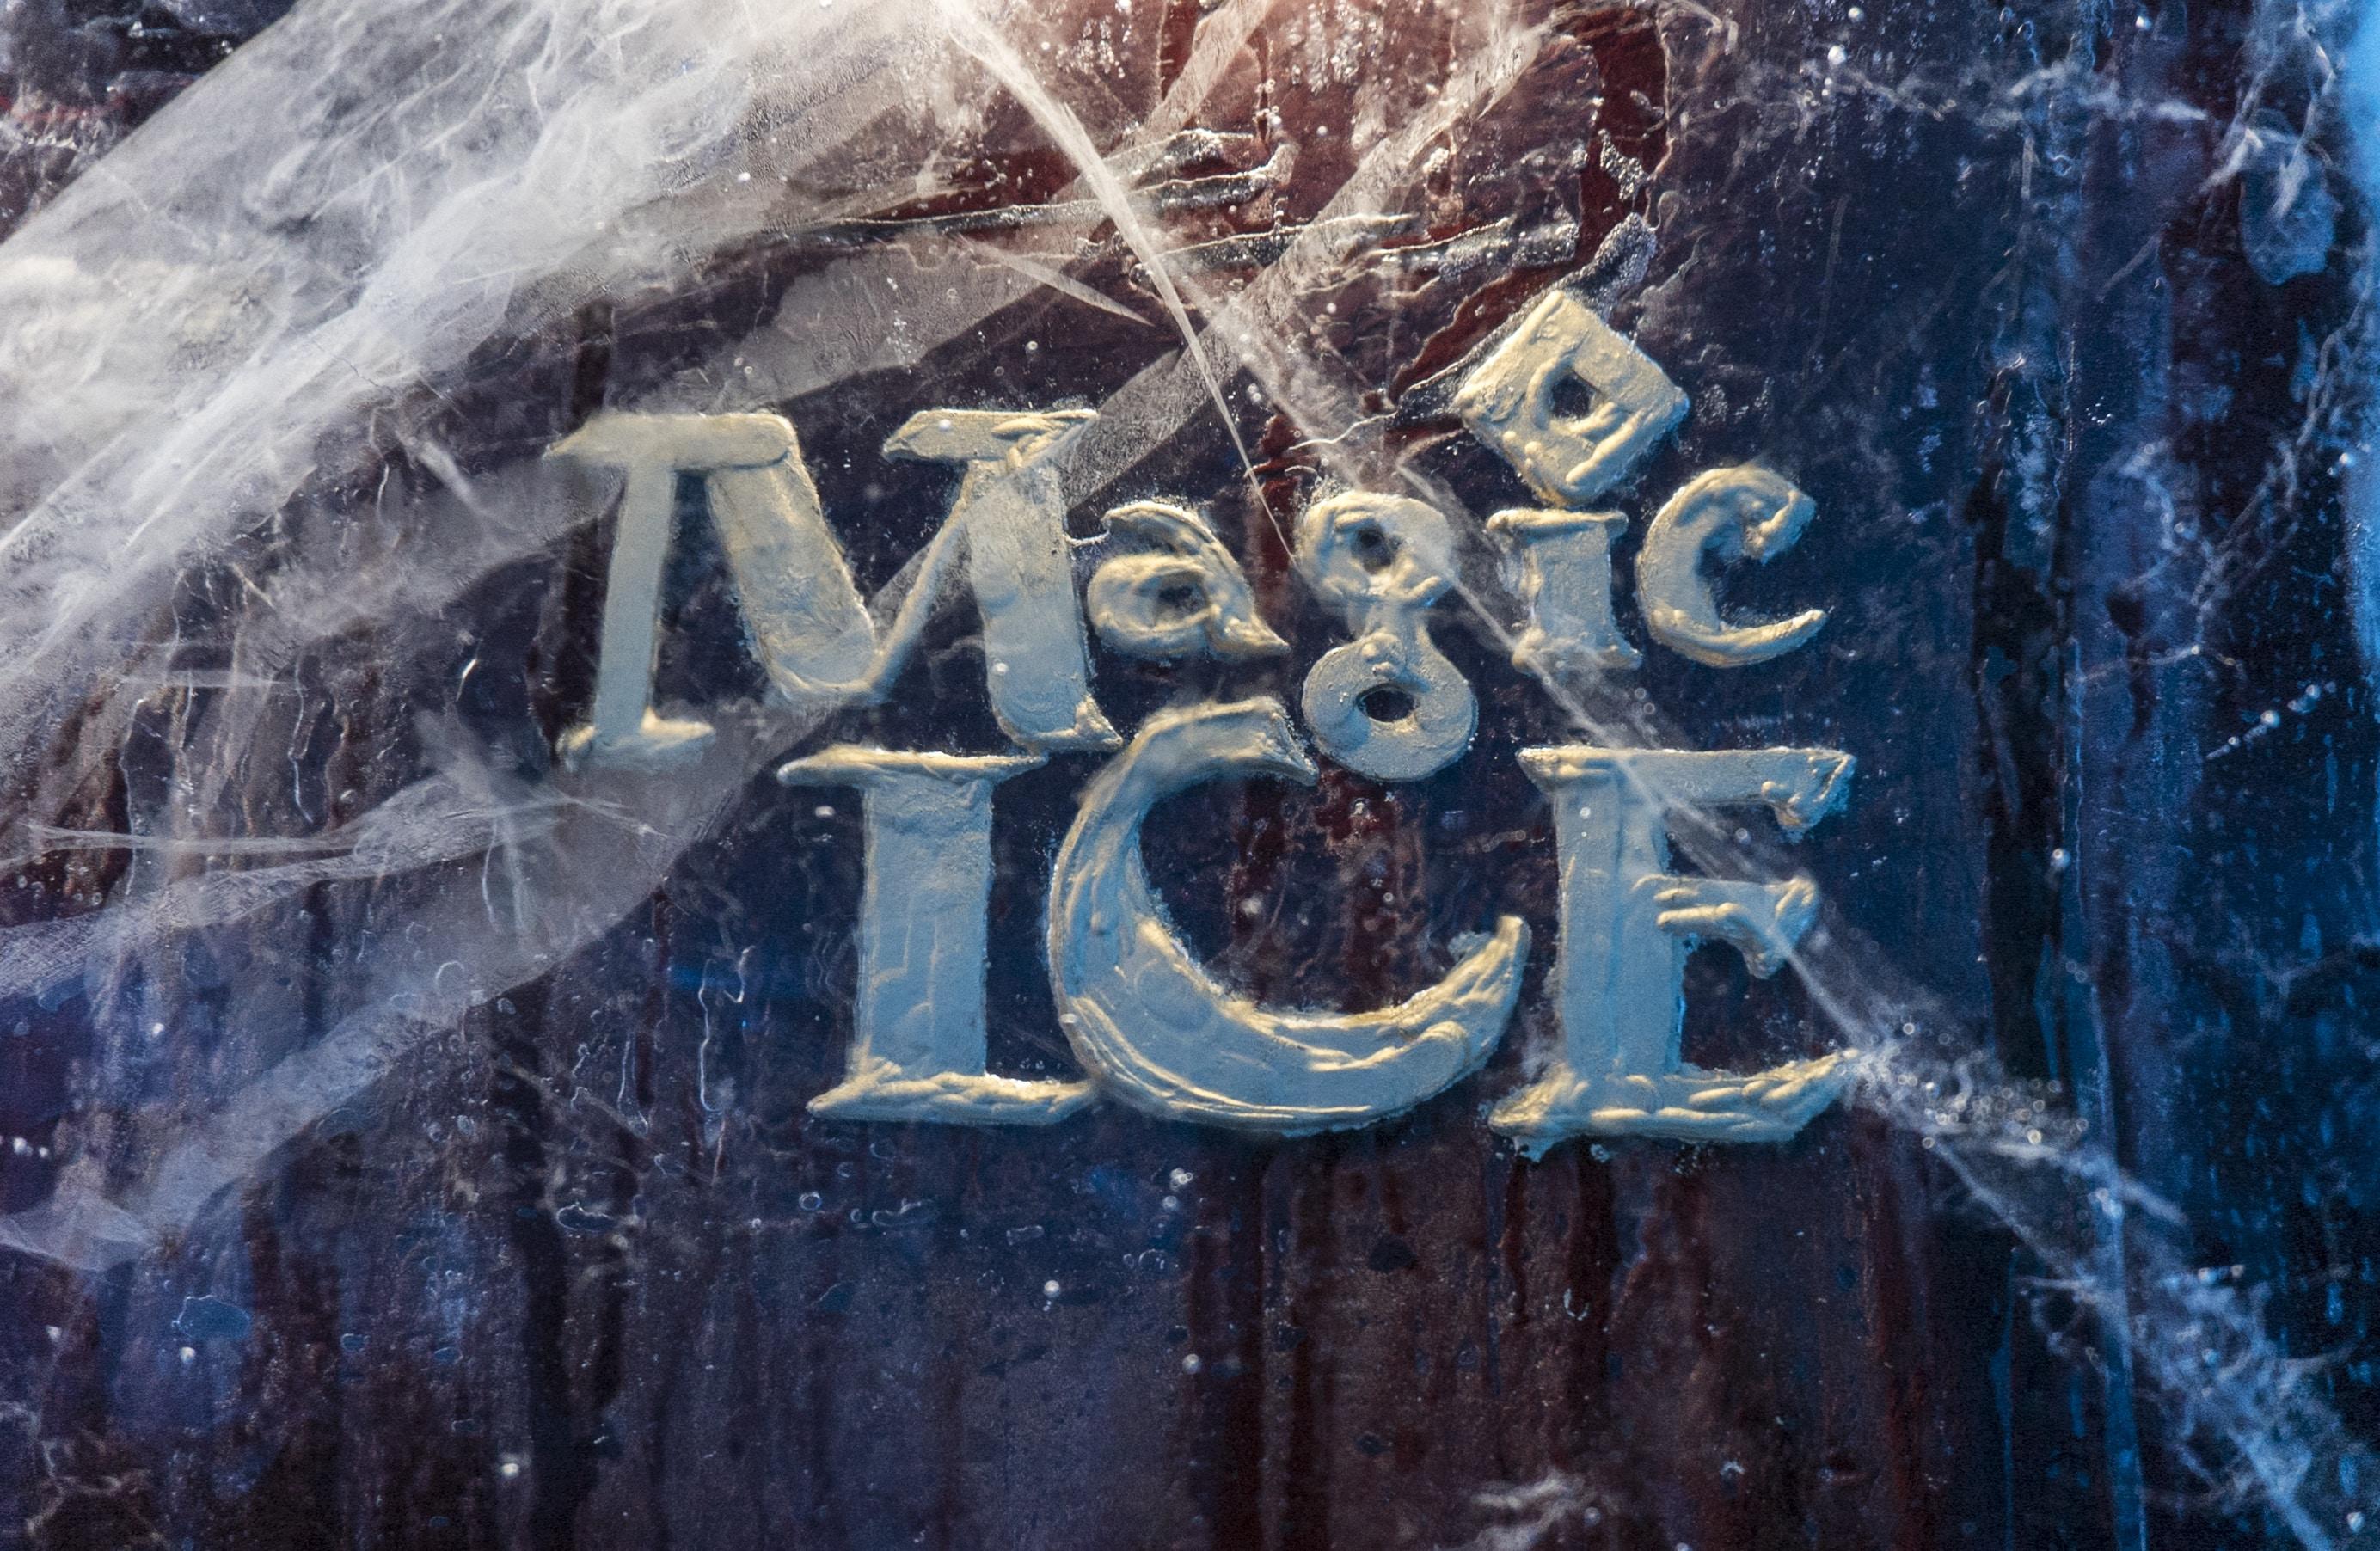 magic ice bar oslo a unique attraction magic ice